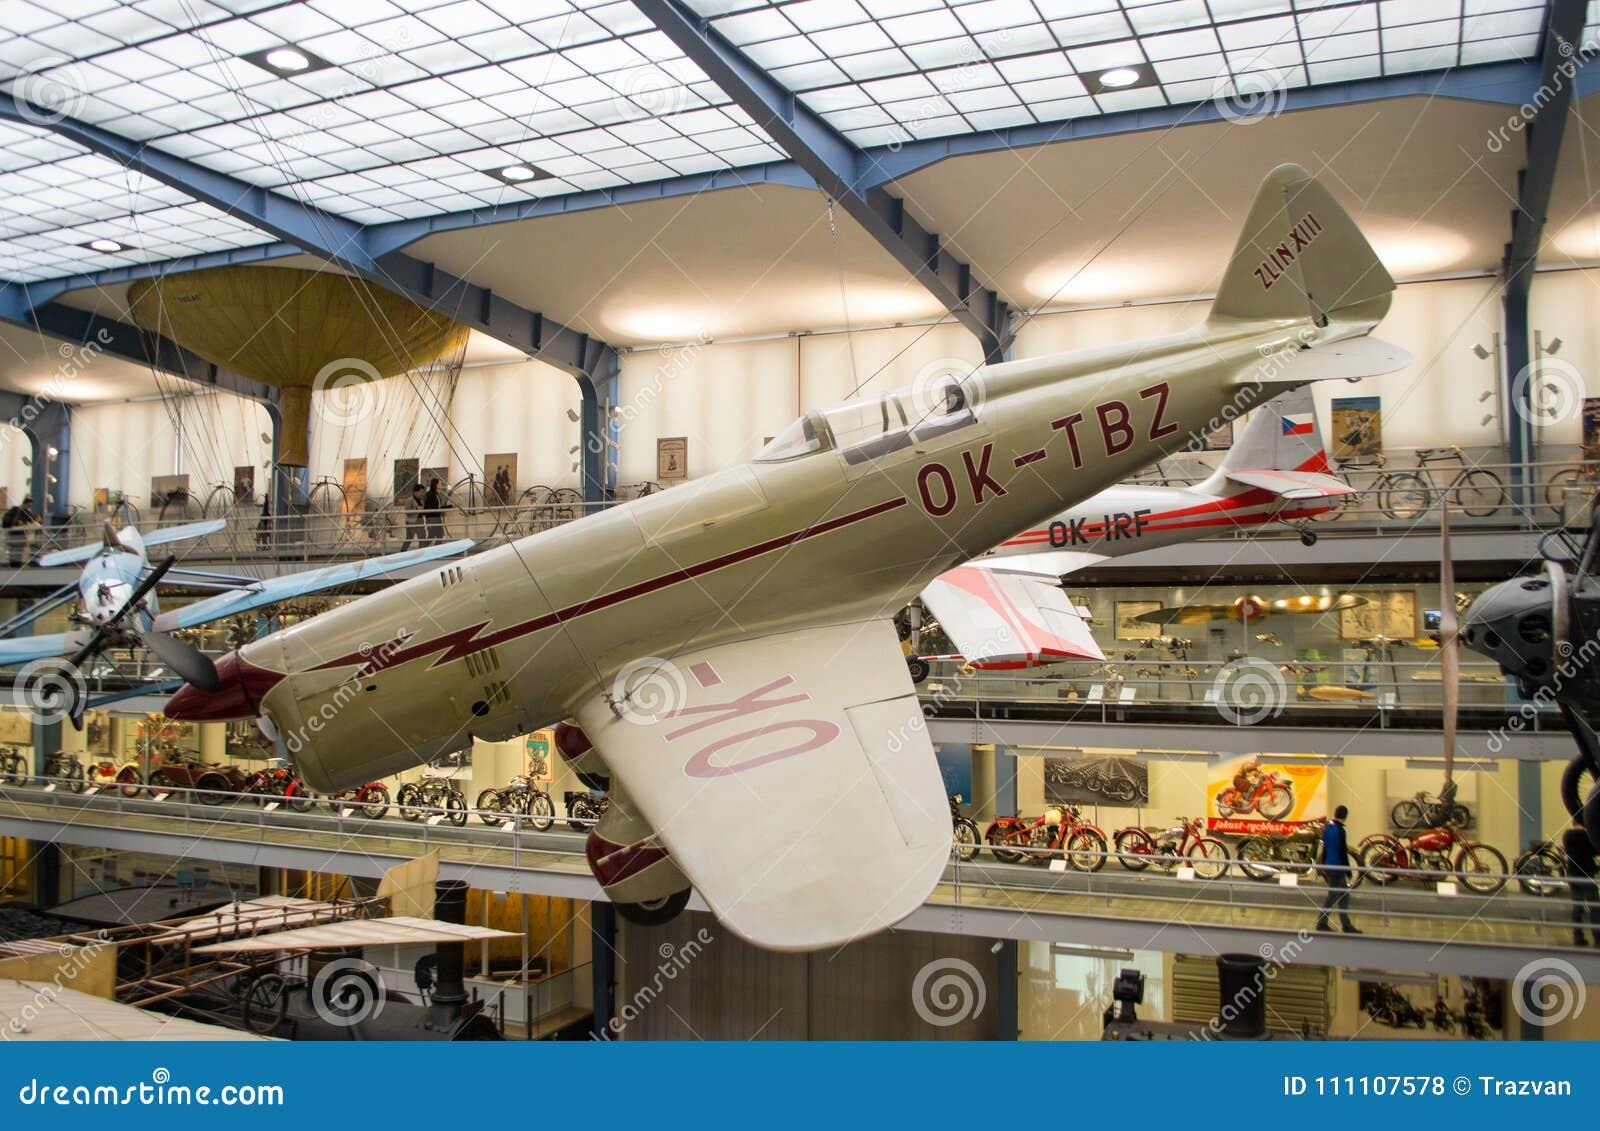 Zlin XIII, registrazione OK-TBZ, museo tecnico nazionale, Praga, repubblica Ceca